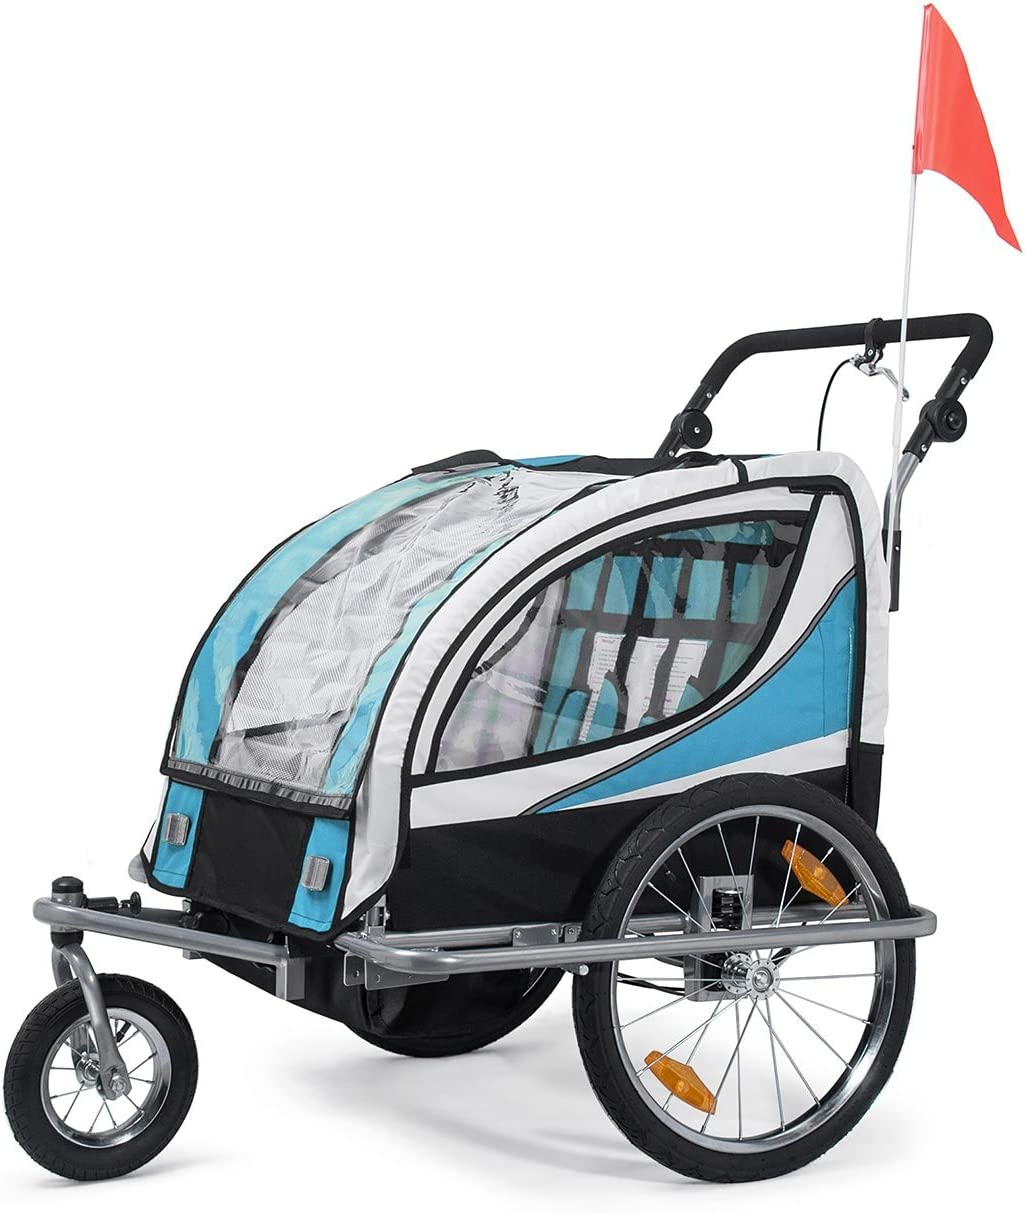 SAMAX Remolque de Bicicleta para Niños 360° girable Kit de Footing Transportín Silla Cochecito Carro Suspensíon Infantil Carro en Azul - Silver Frame: Amazon.es: Bebé